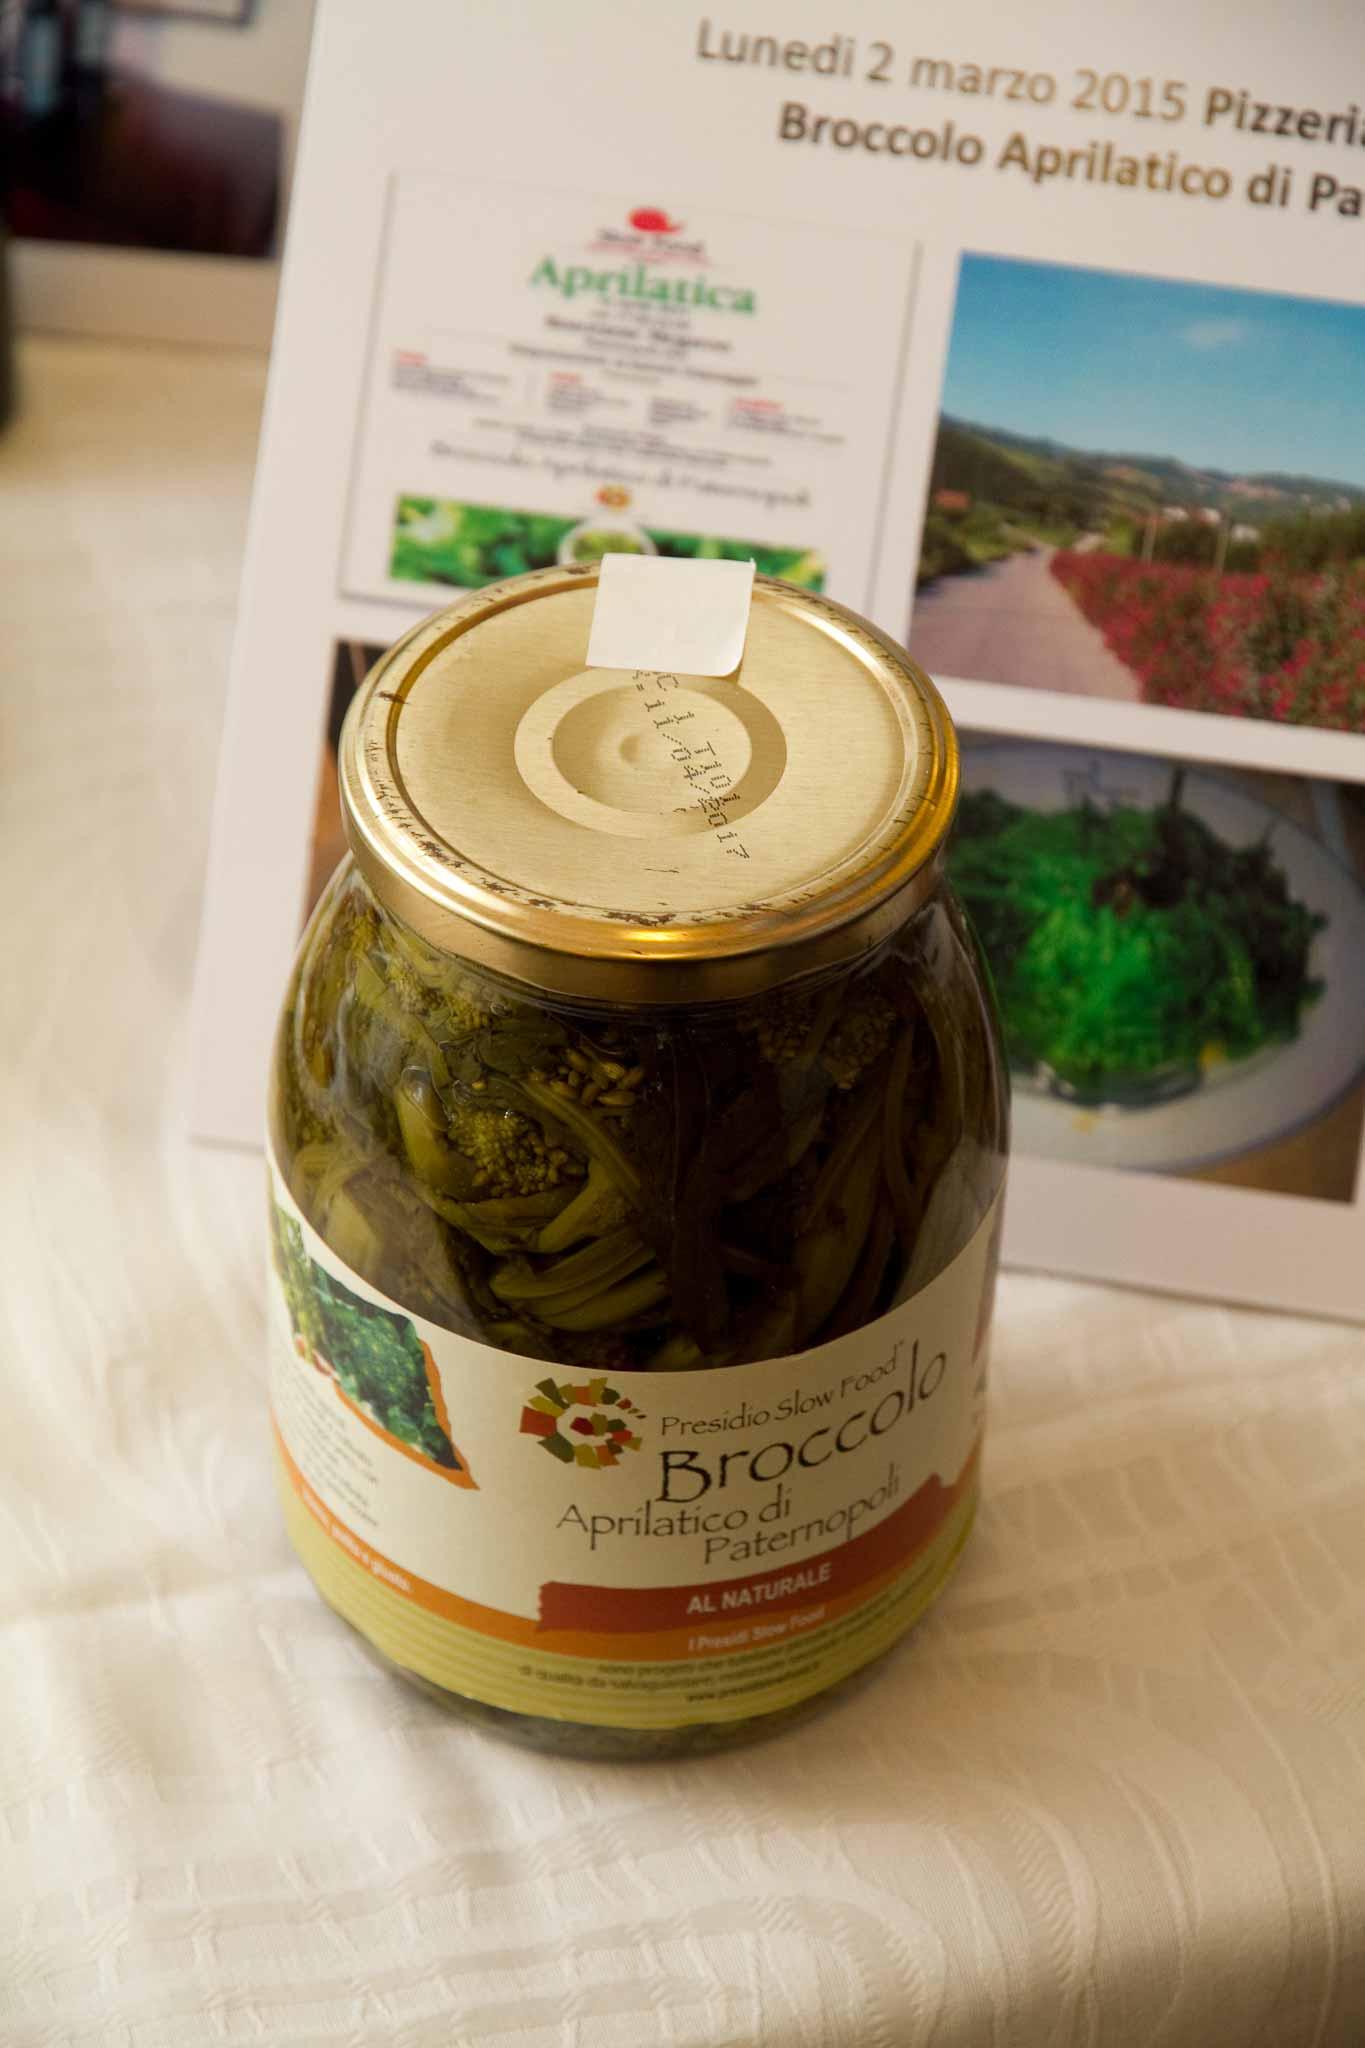 broccolo aprilatico di Paternopoli Silvana del Vicariop